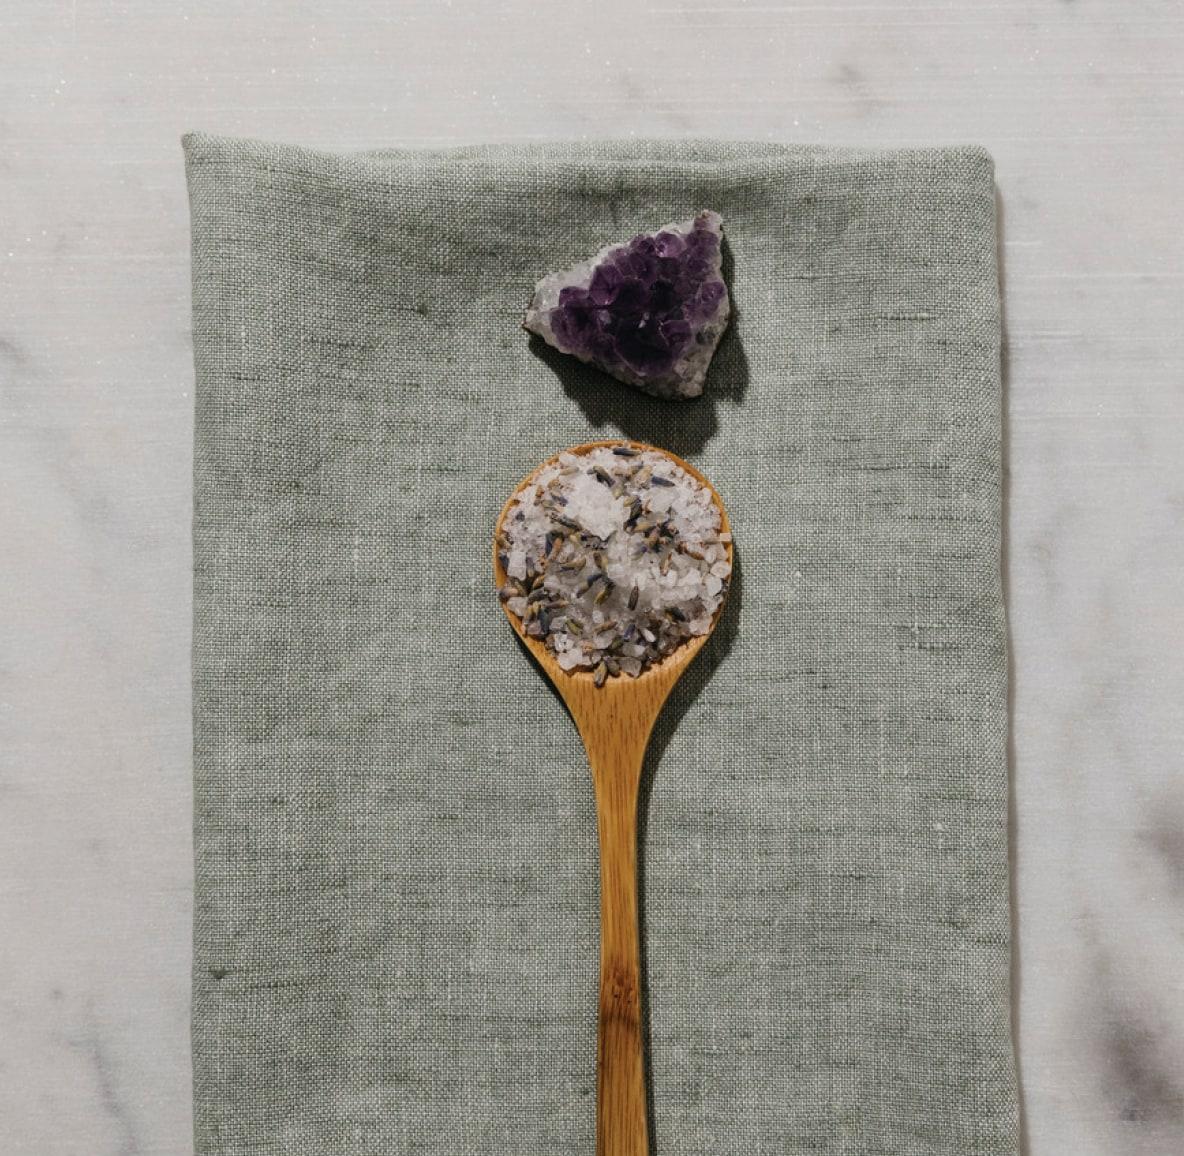 Amethyst gemstone sitting next to a spoonful of lavender body scrub